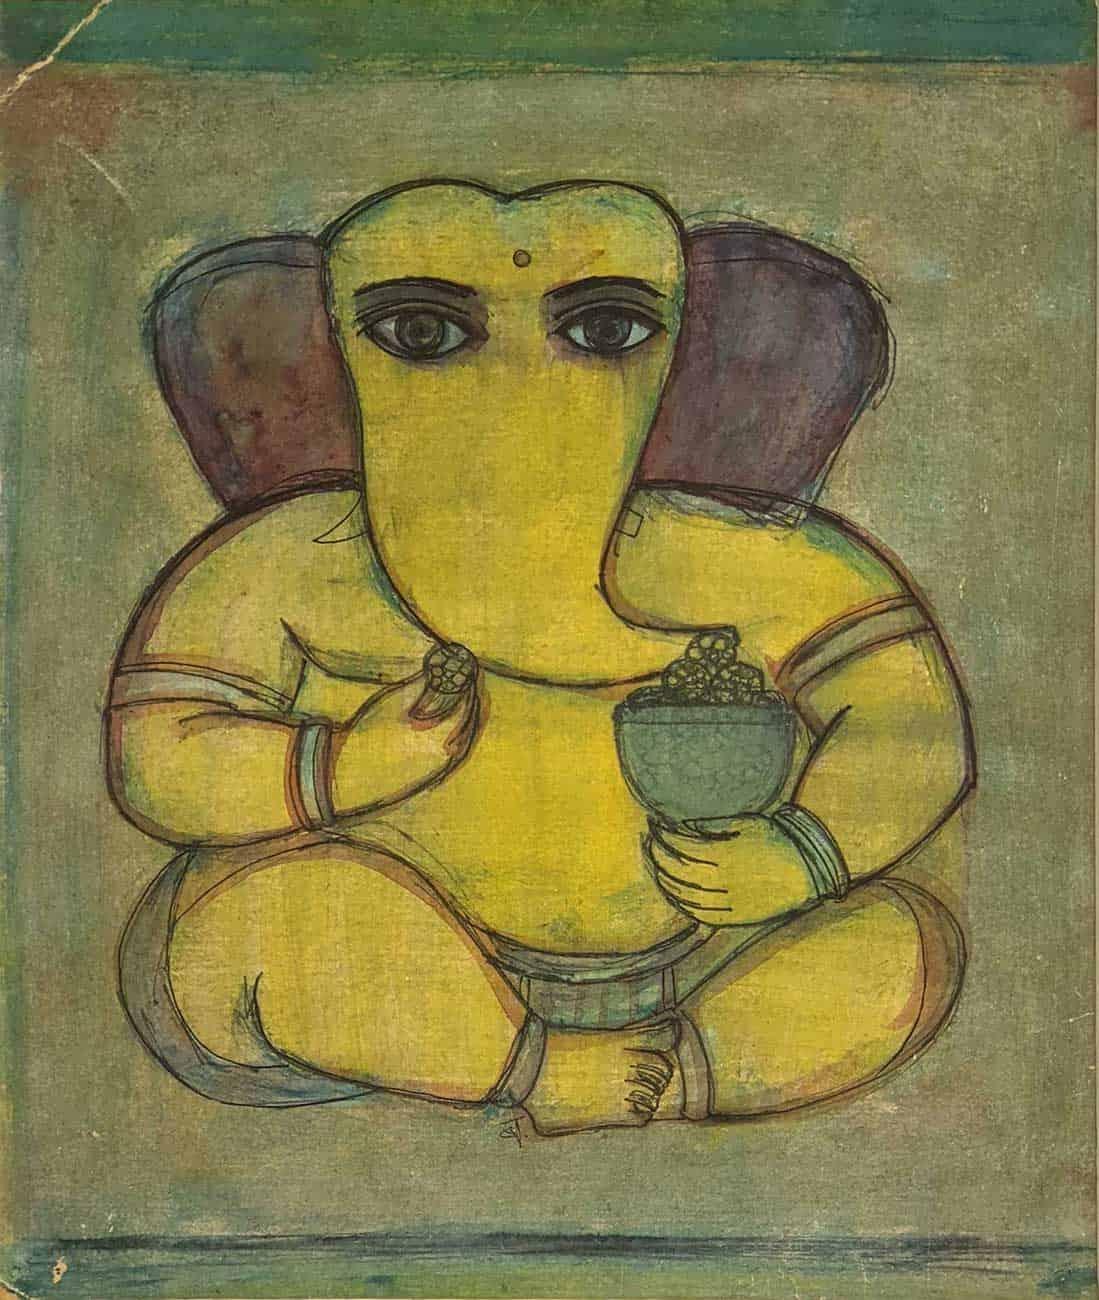 """Ganapati, Mixed Media on Board, Green, Yellow, Brown by Badri Narayan """"In Stock"""""""